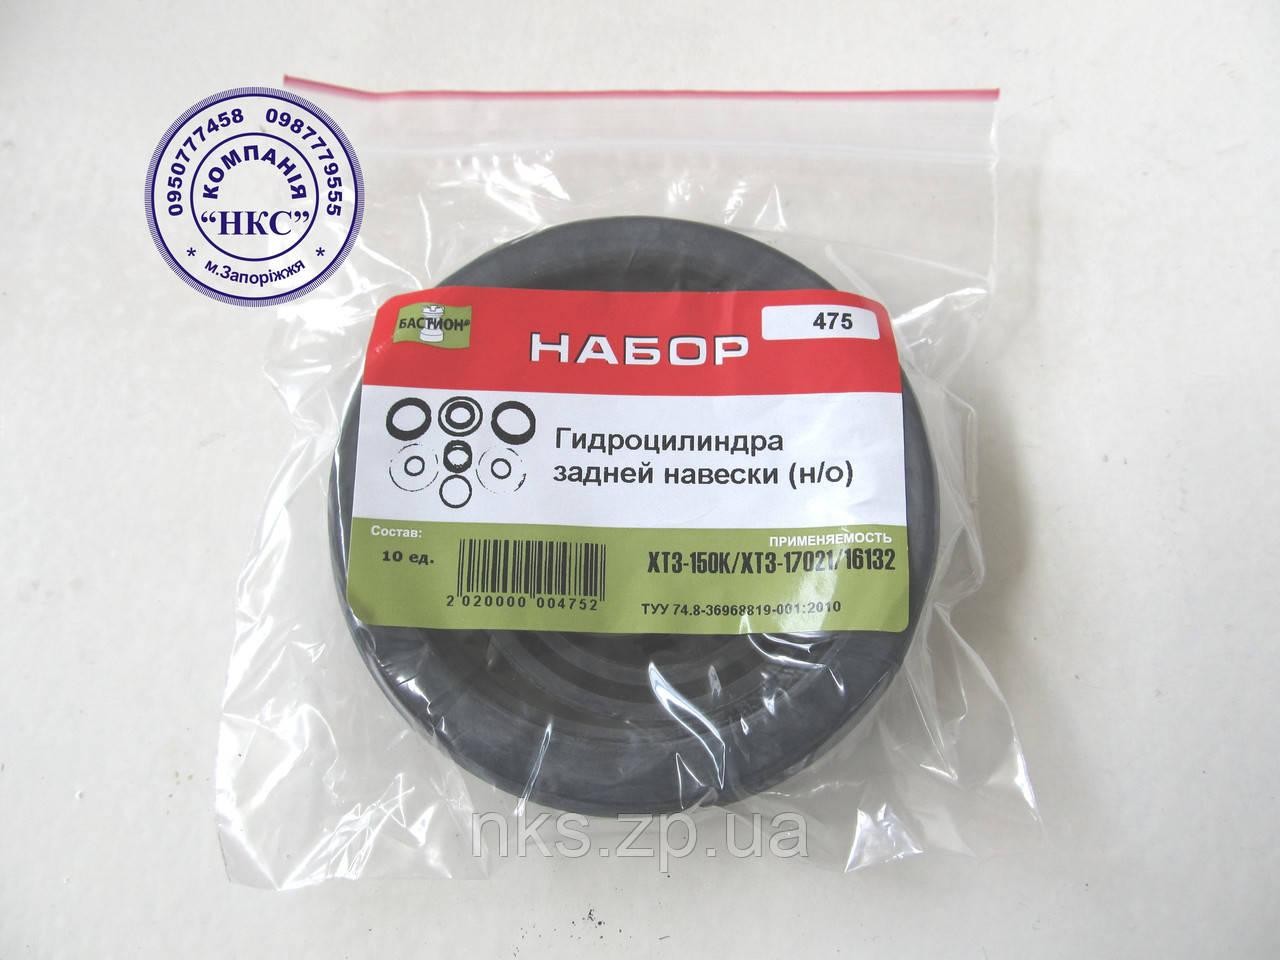 Ремонтный комплект гидроцилиндра силового (нового образца) ХТЗ-170.